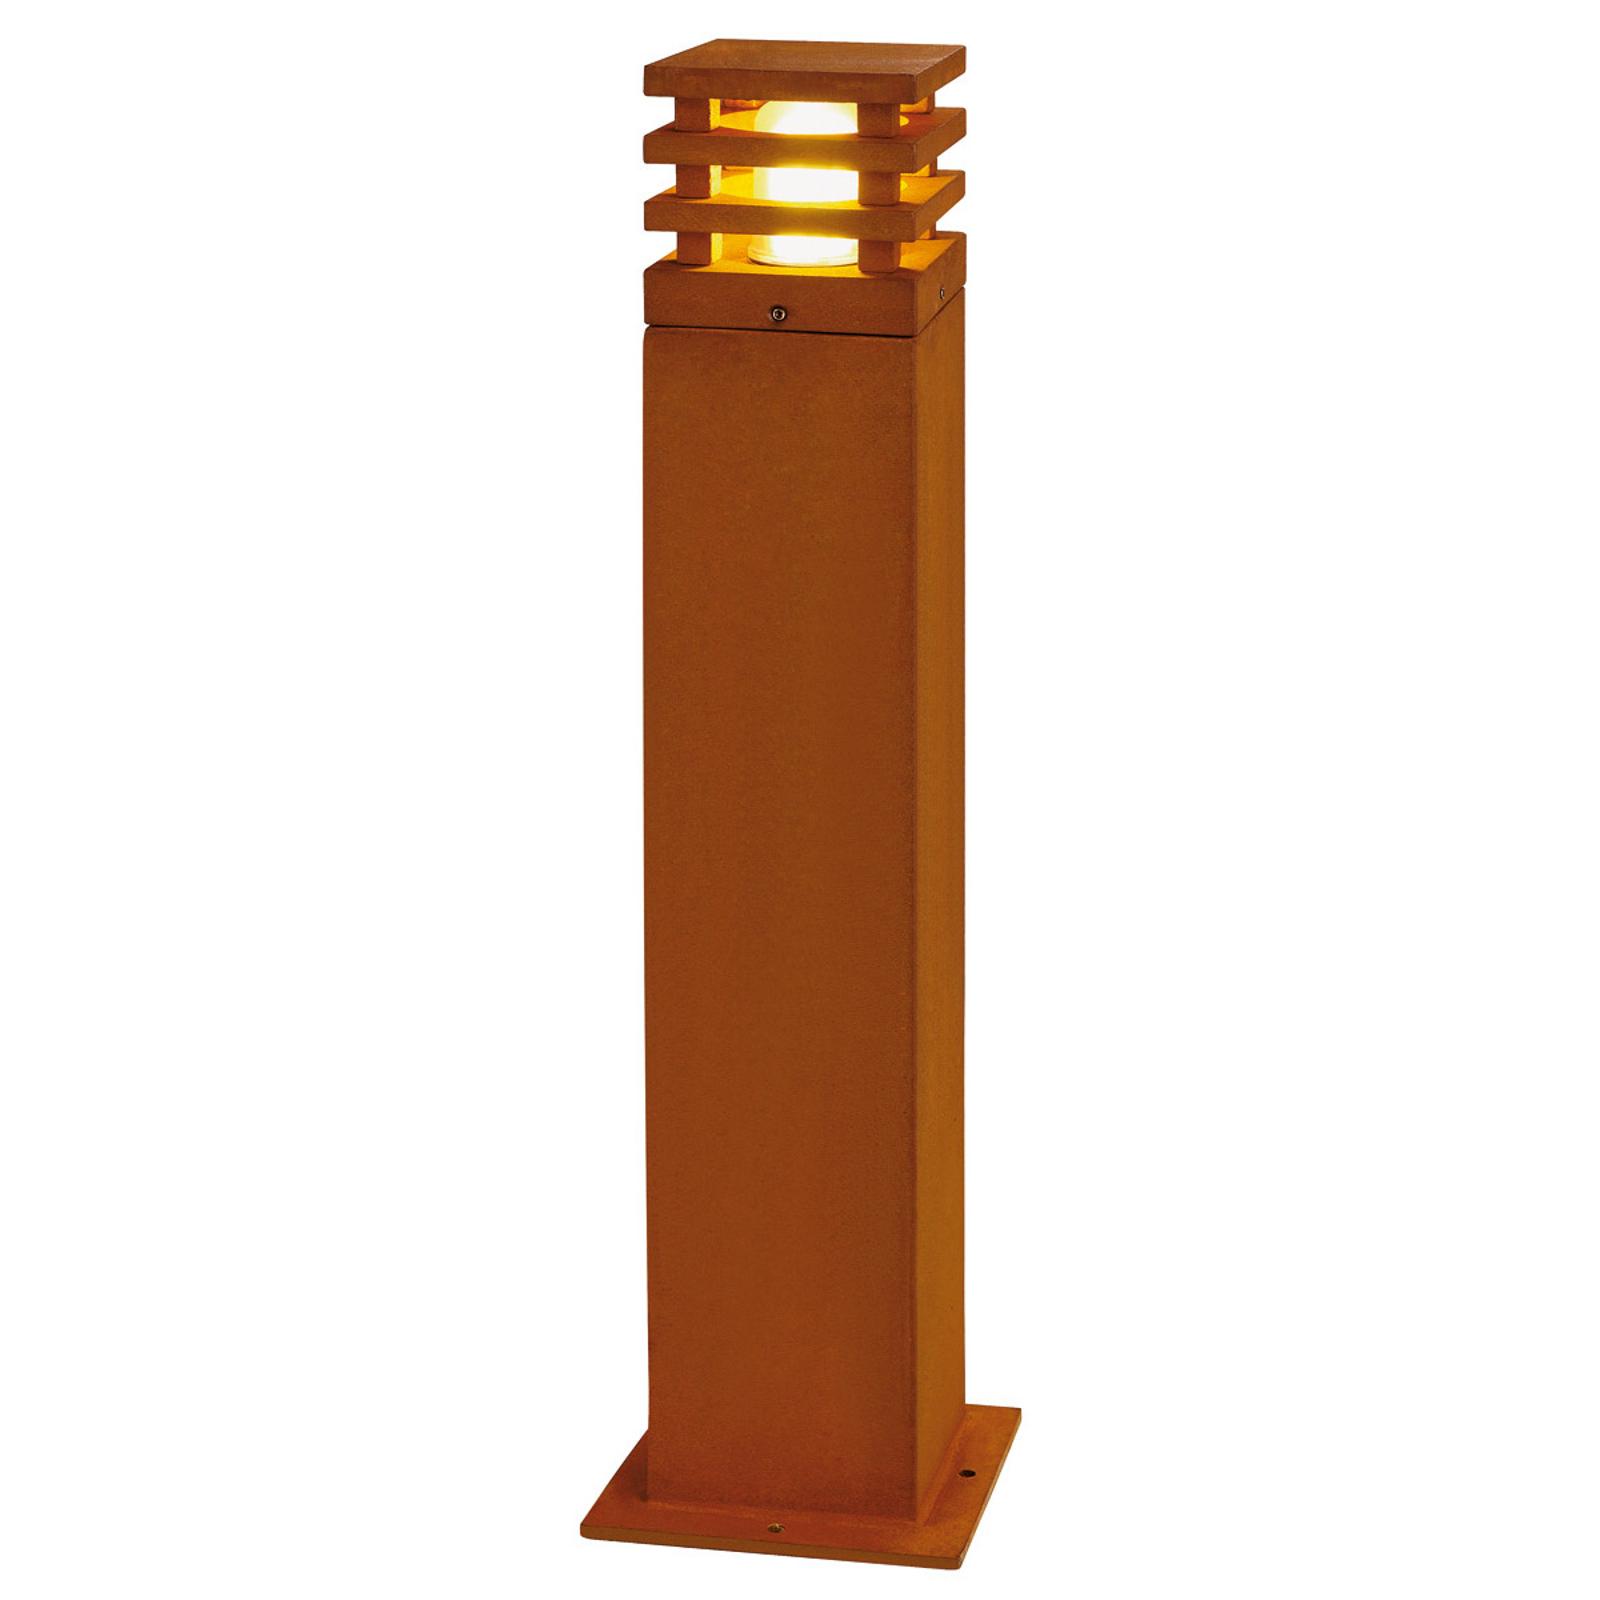 Borne lumineuse LED Rusty carrée